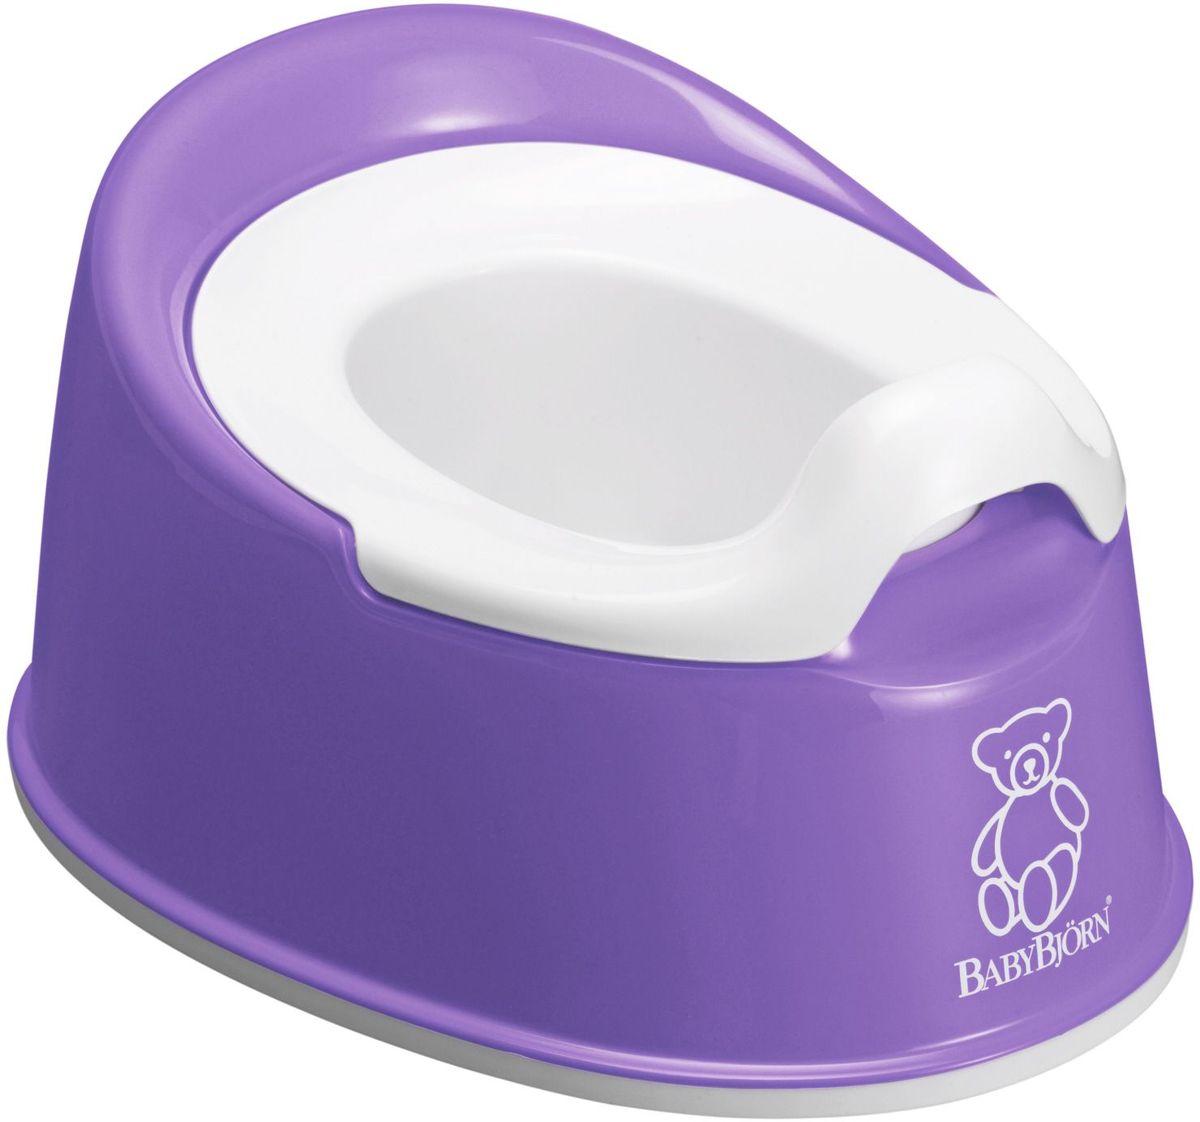 BabyBjorn Горшок детский Smart цвет лиловый0510.63BABYBJORN Smart Горшок отличается эргономическим дизайном и мягкими линиями, благодаря чему ребенку приятно и удобно им пользоваться. BABYBJORN Smart Горшок являет собой превосходное сочетание функциональности и удобства и идеально подходит для небольшой ванной комнаты. Он занимает мало места и его легко брать с собой. Действенная защита от брызг полностью предотвращает разбрызгивание. Внутренняя часть горшка легко вынимается, удобно мыть. Как и все наши пластмассовые изделия, он сделан из пластмассы, поддающейся утилизации и не содержащей ПВХ. В пластмассовых изделиях BABYBJORN не содержится бисфенол А (BPA). Размеры: 25,5 x 33 x 16,5 cm